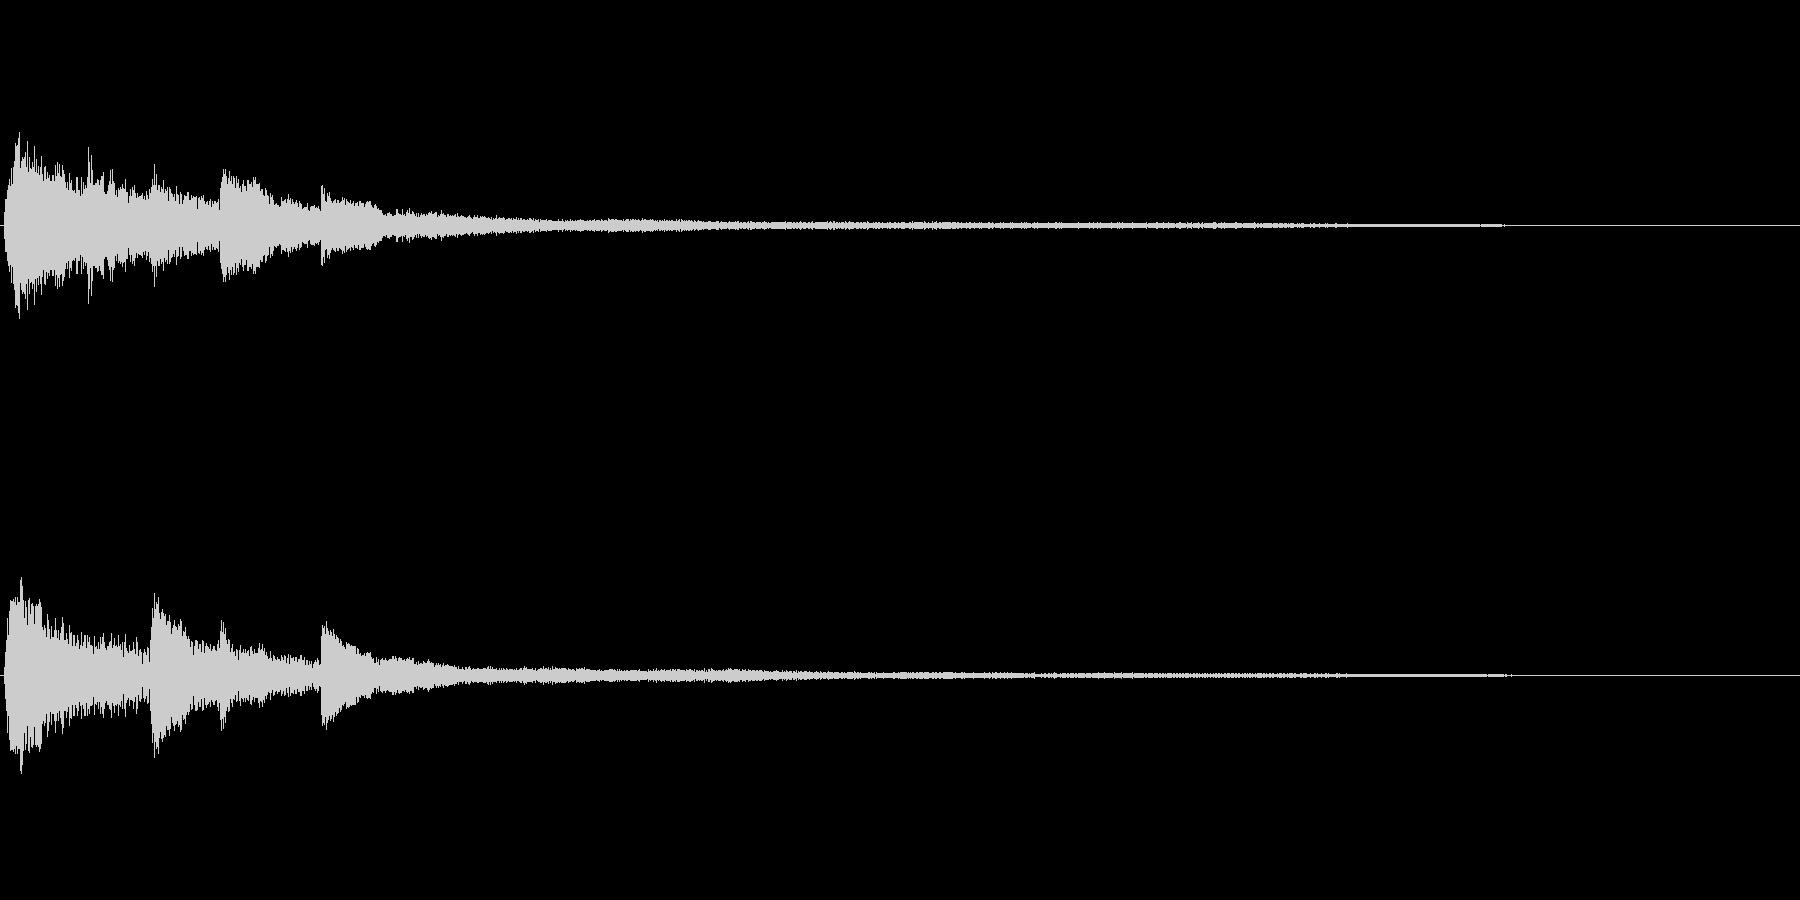 透明感のあるピアノサウンドロゴ 心象の未再生の波形